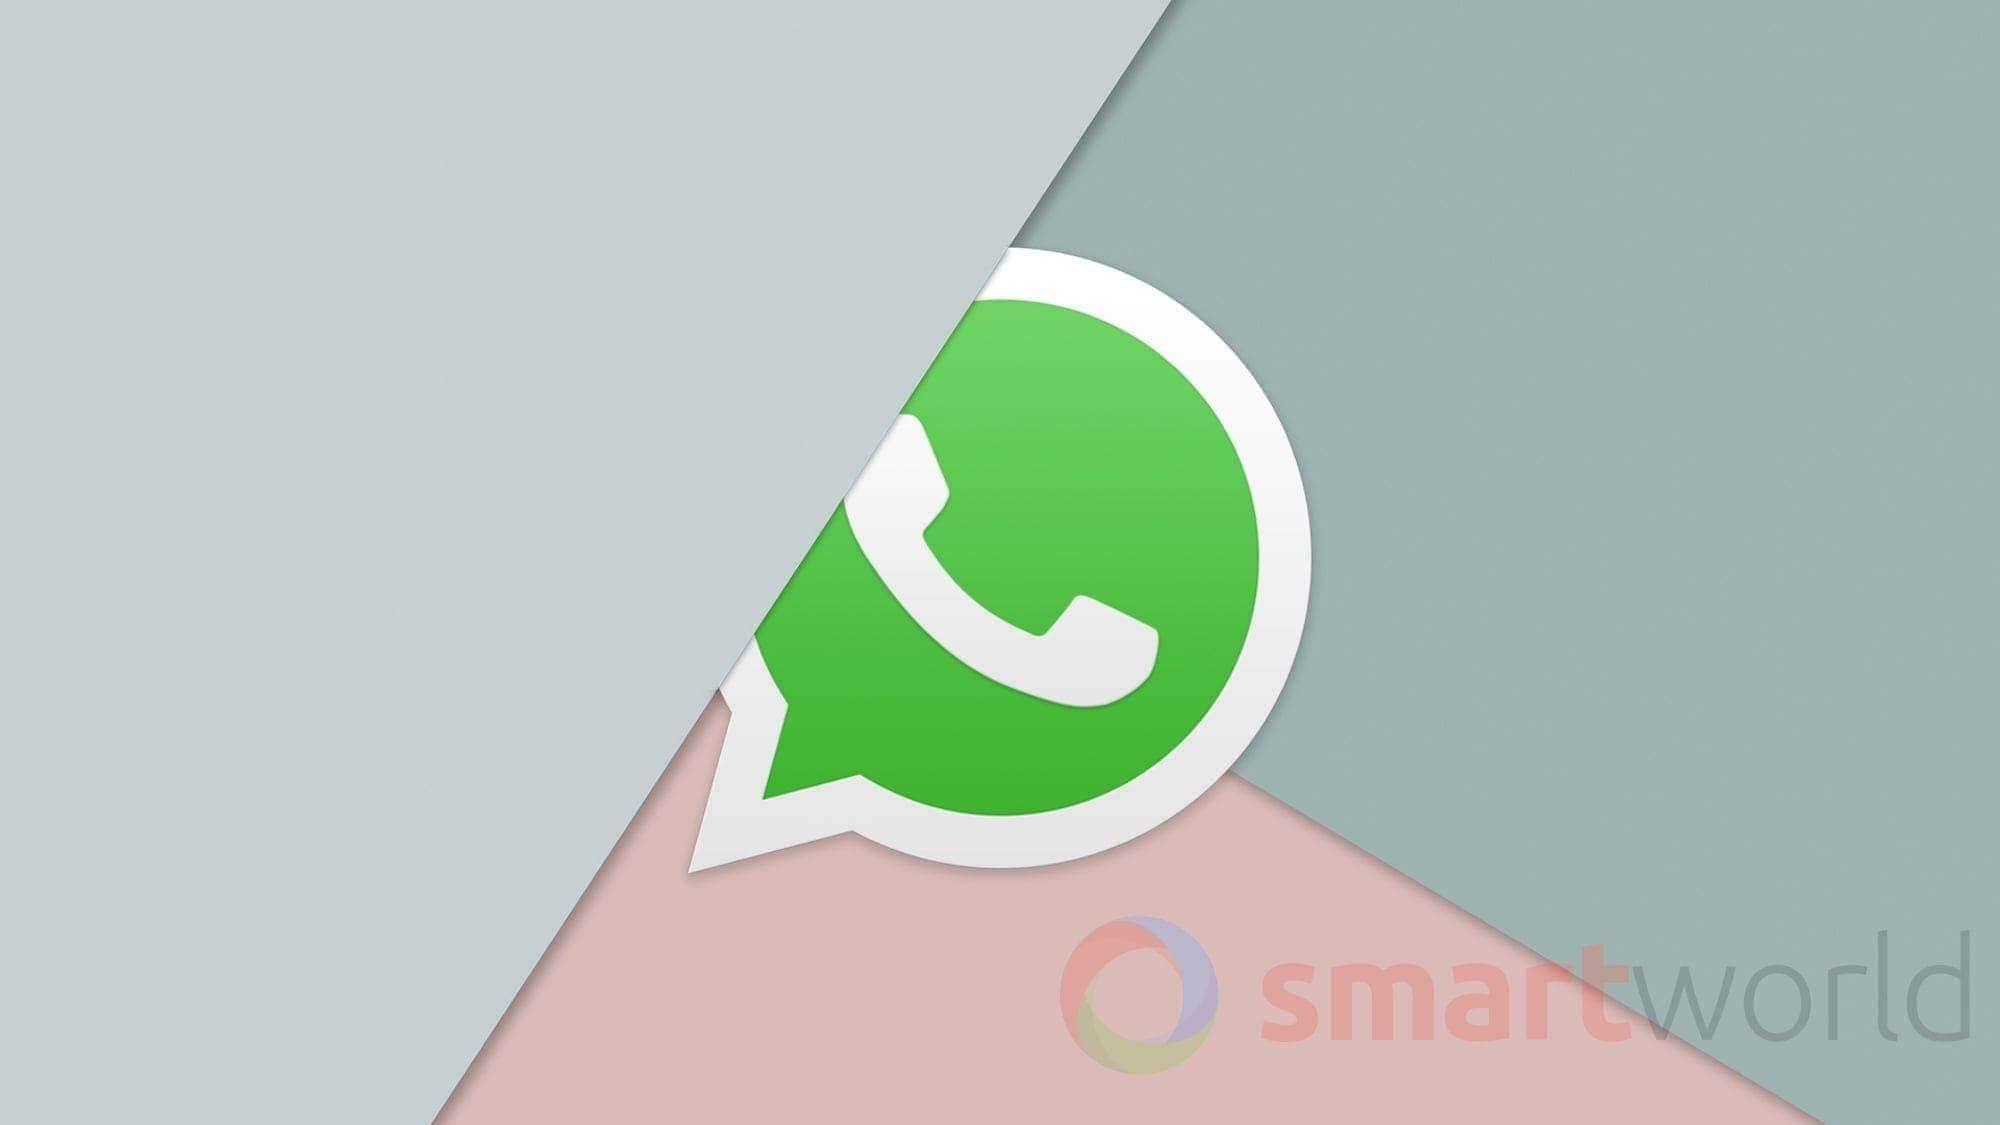 L'ultima versione di WhatsApp beta per Android porta novità sui media autodistruttivi (foto)